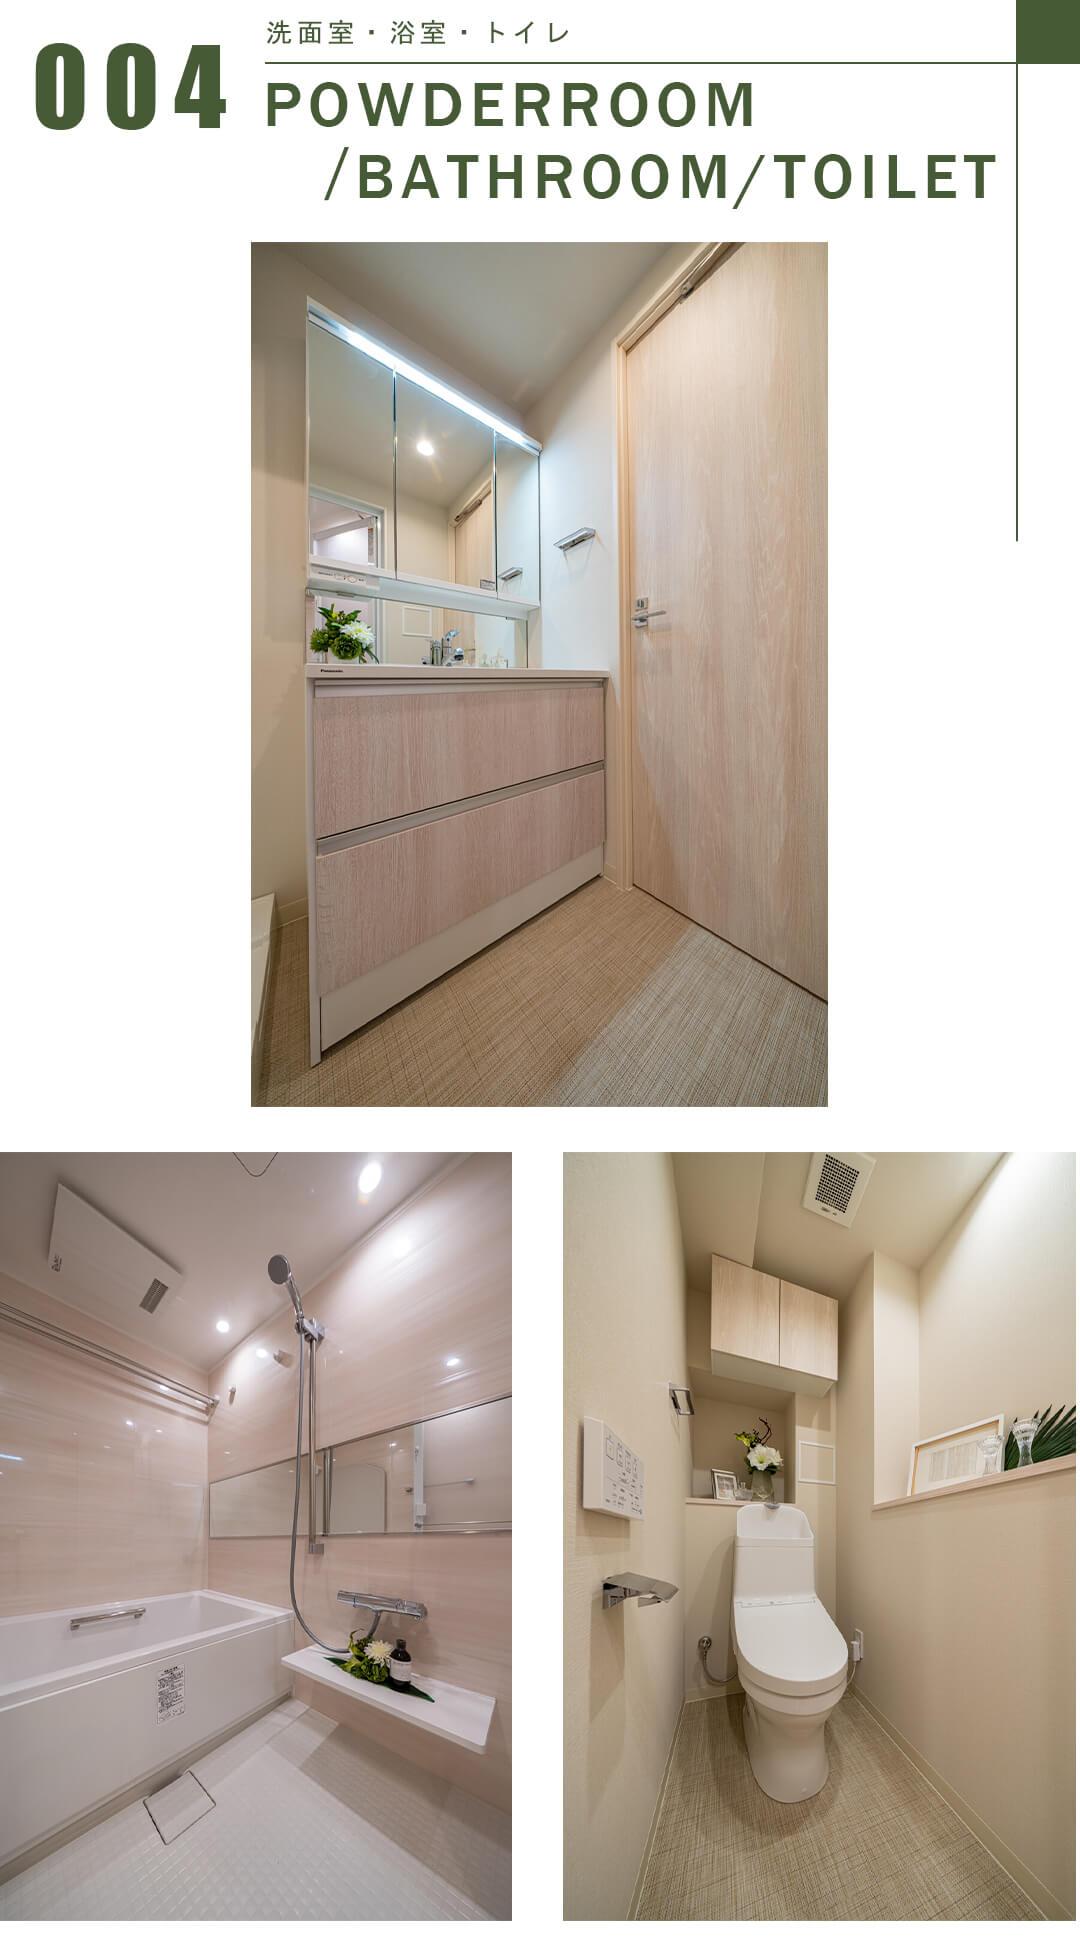 セザール小伝馬町の洗面室・浴室・トイレ